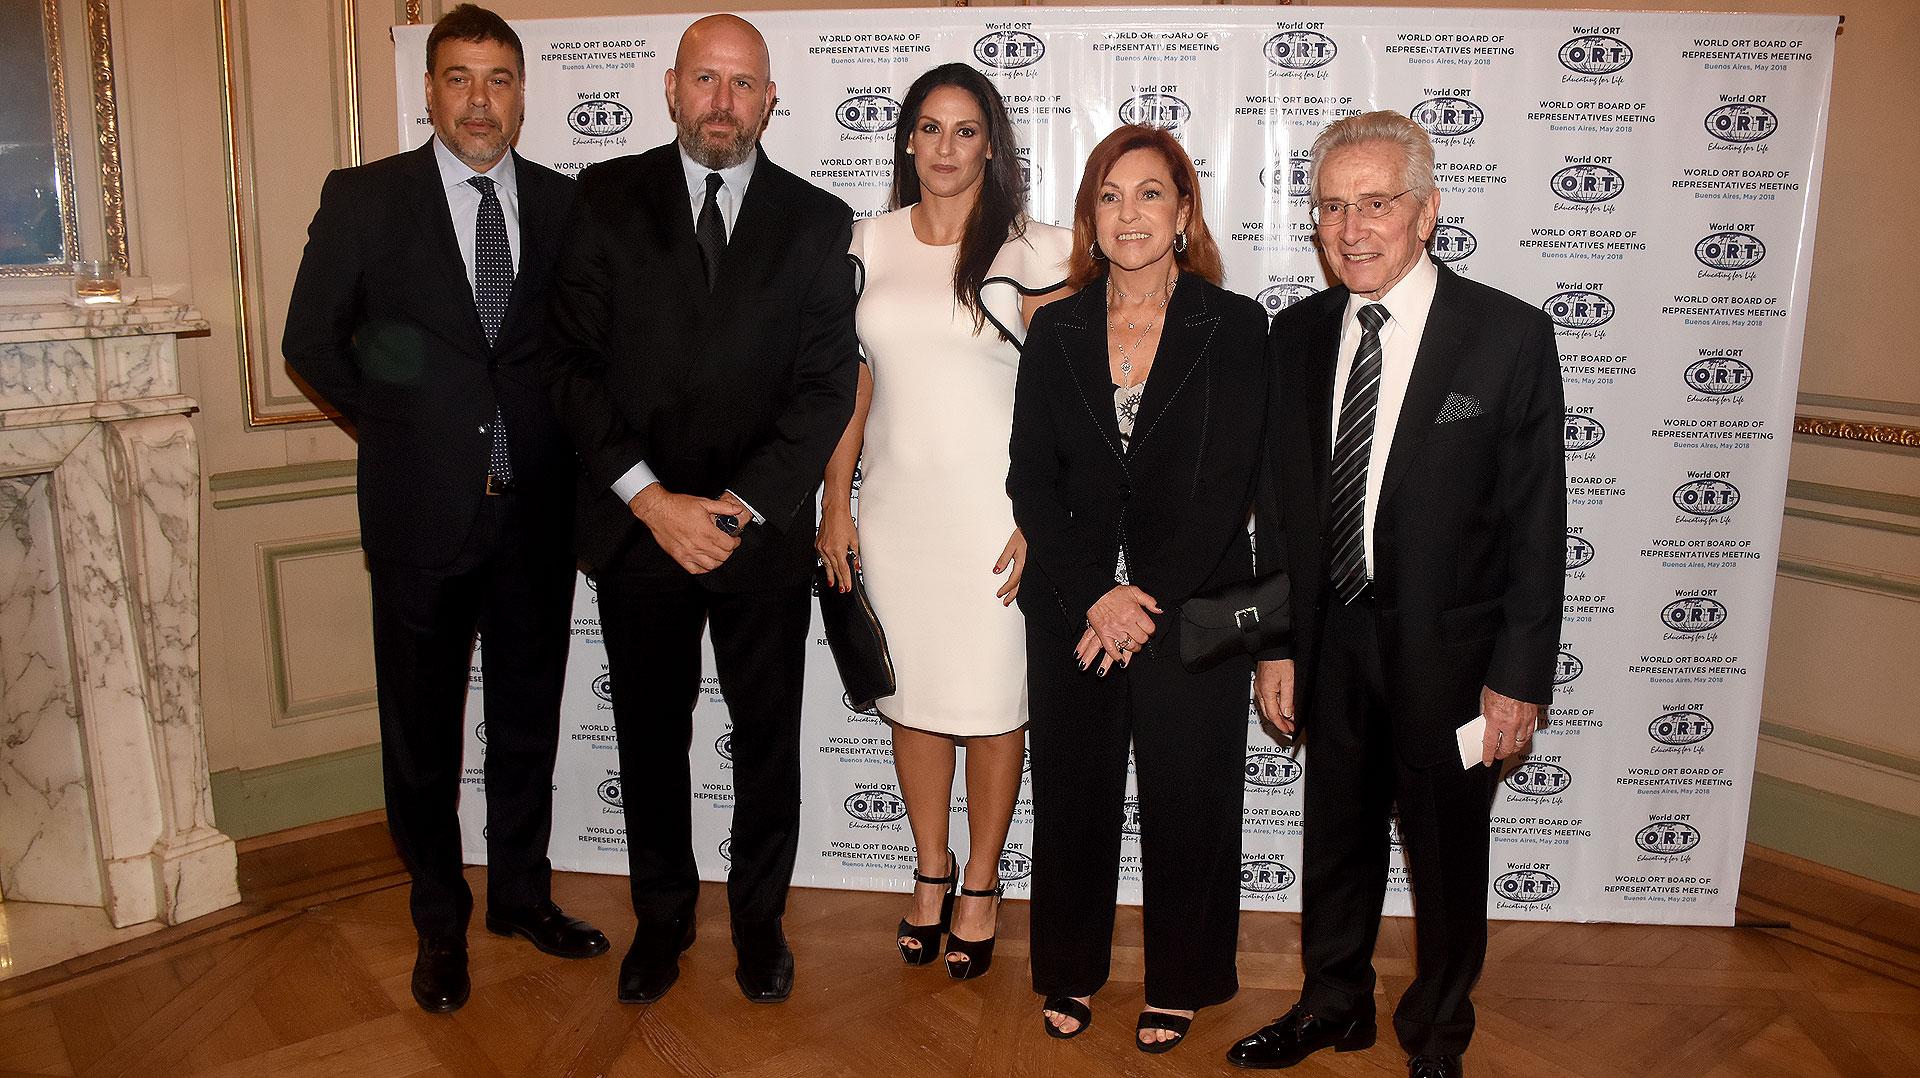 Darío Werthein, junto al diputado Waldo Wolff y el escritor Marcos Aguinis, ambos junto a sus esposas